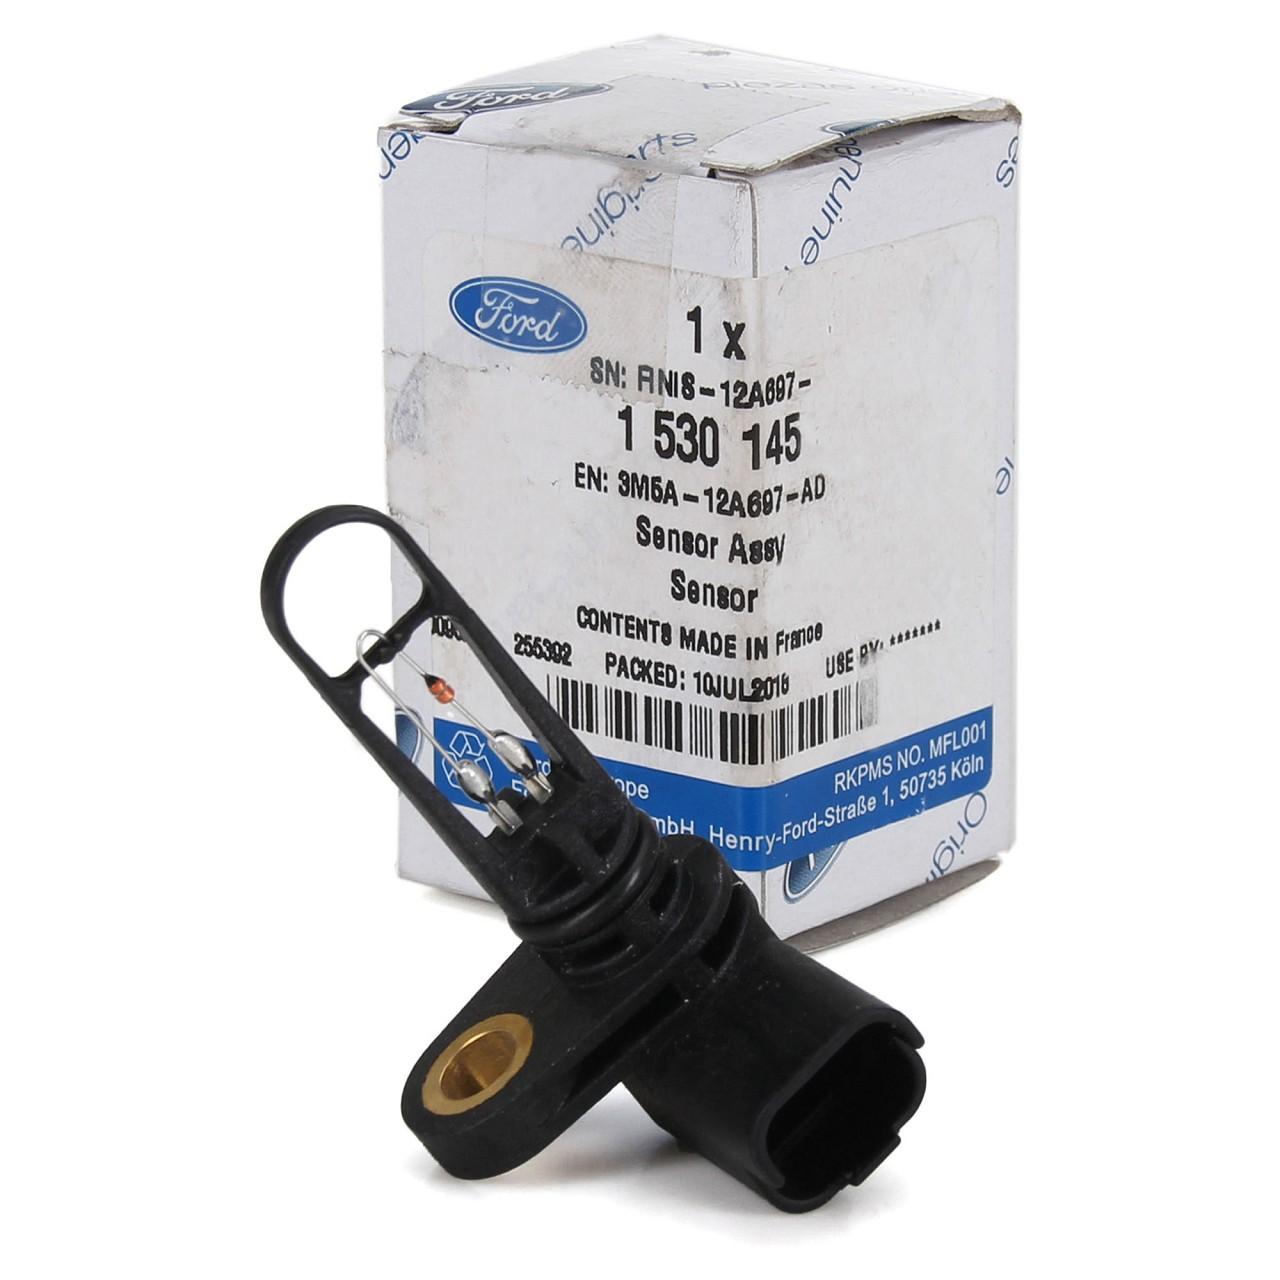 ORIGINAL Ford Temperaturgeber Ansauglufttemperatur B-MAX C-MAX FIESTA 1530145